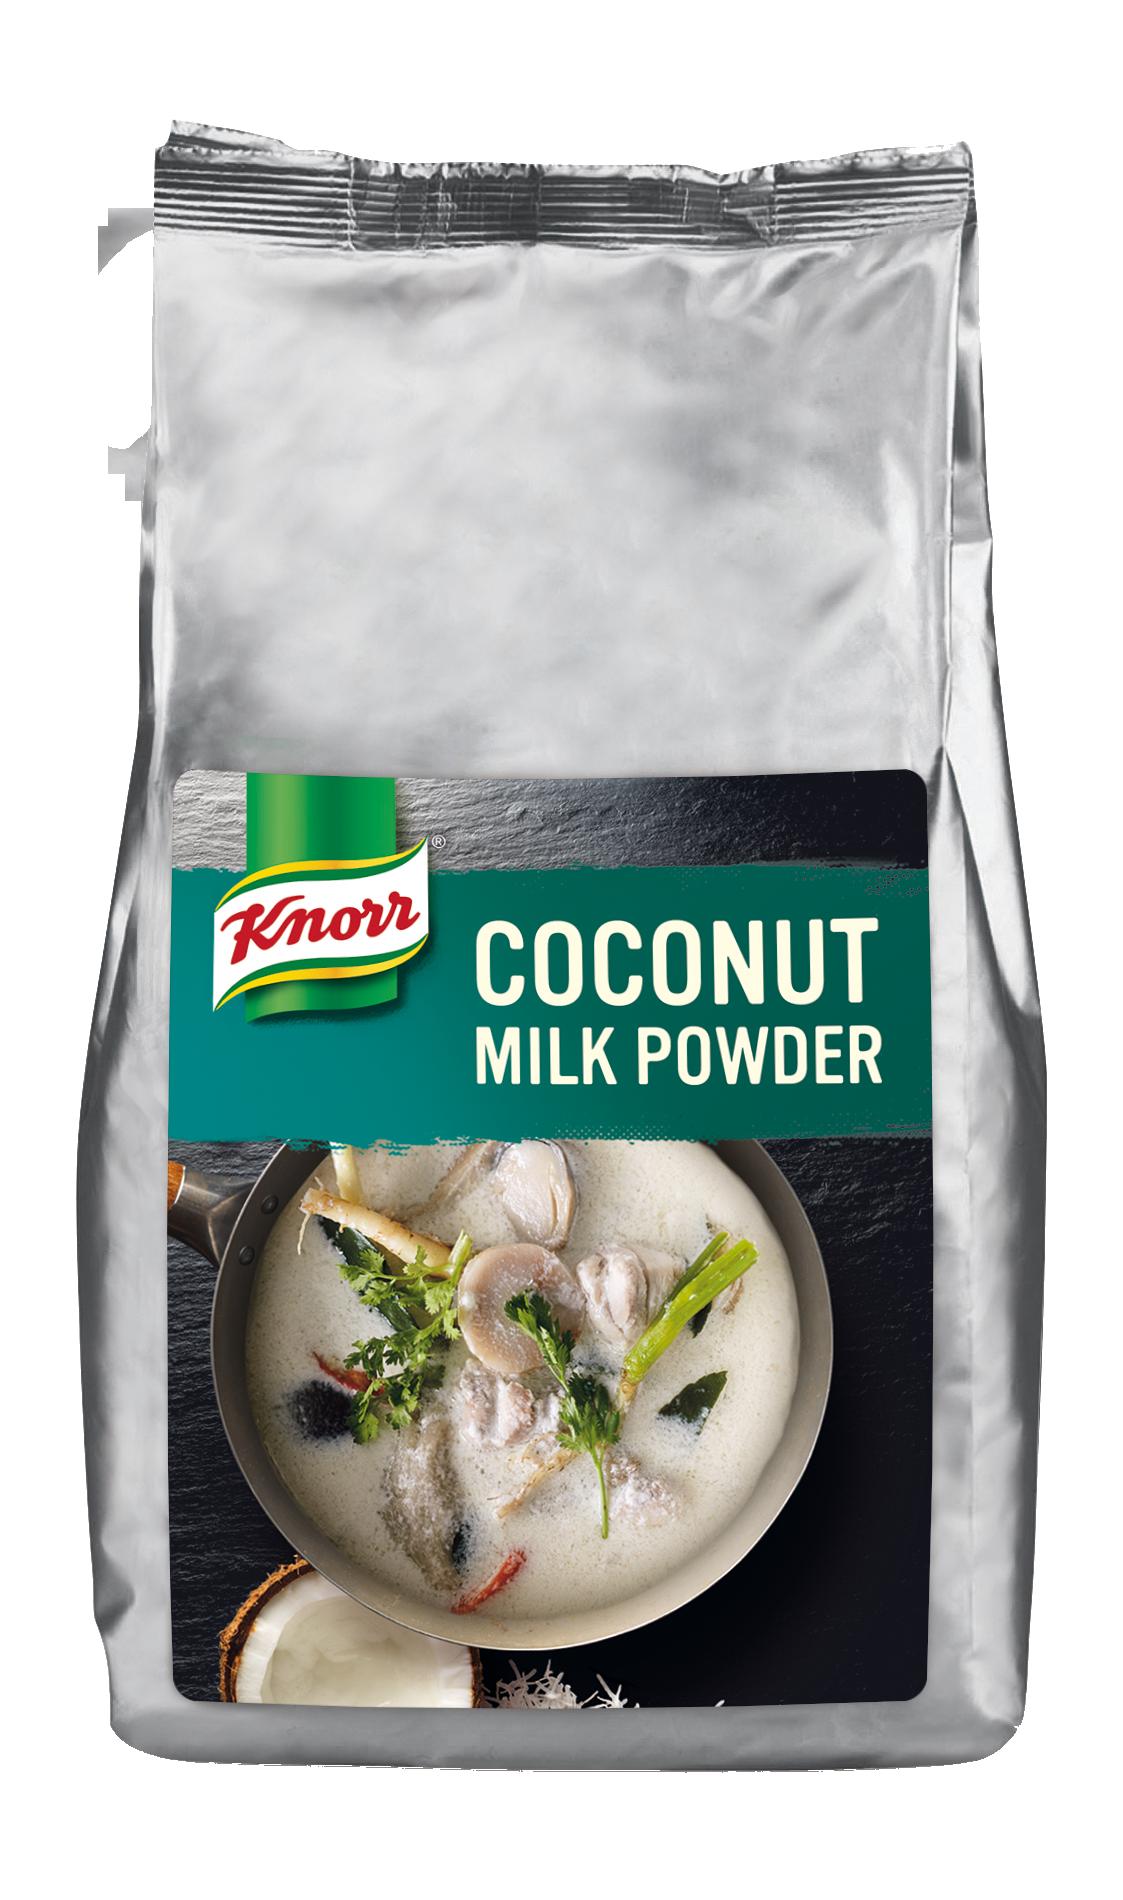 Knorr Кокосово мляко на прах - Автентичен вкус за основни ястия и десерти